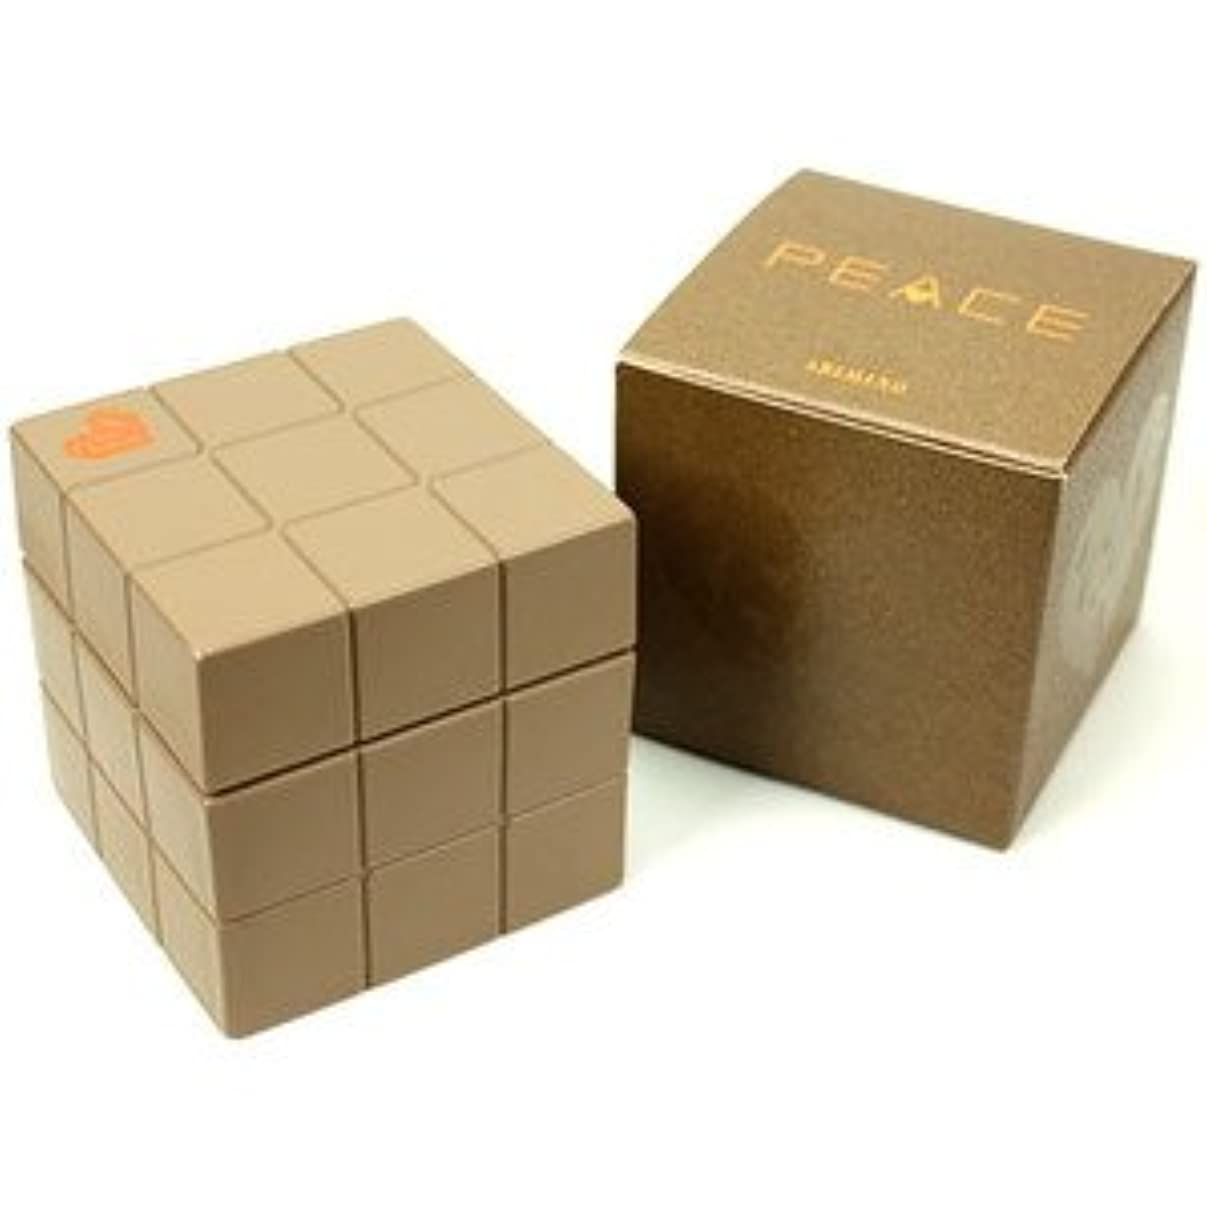 切り離すお尻むさぼり食うアリミノ ピース ソフト wax (カフェオレ) 80g